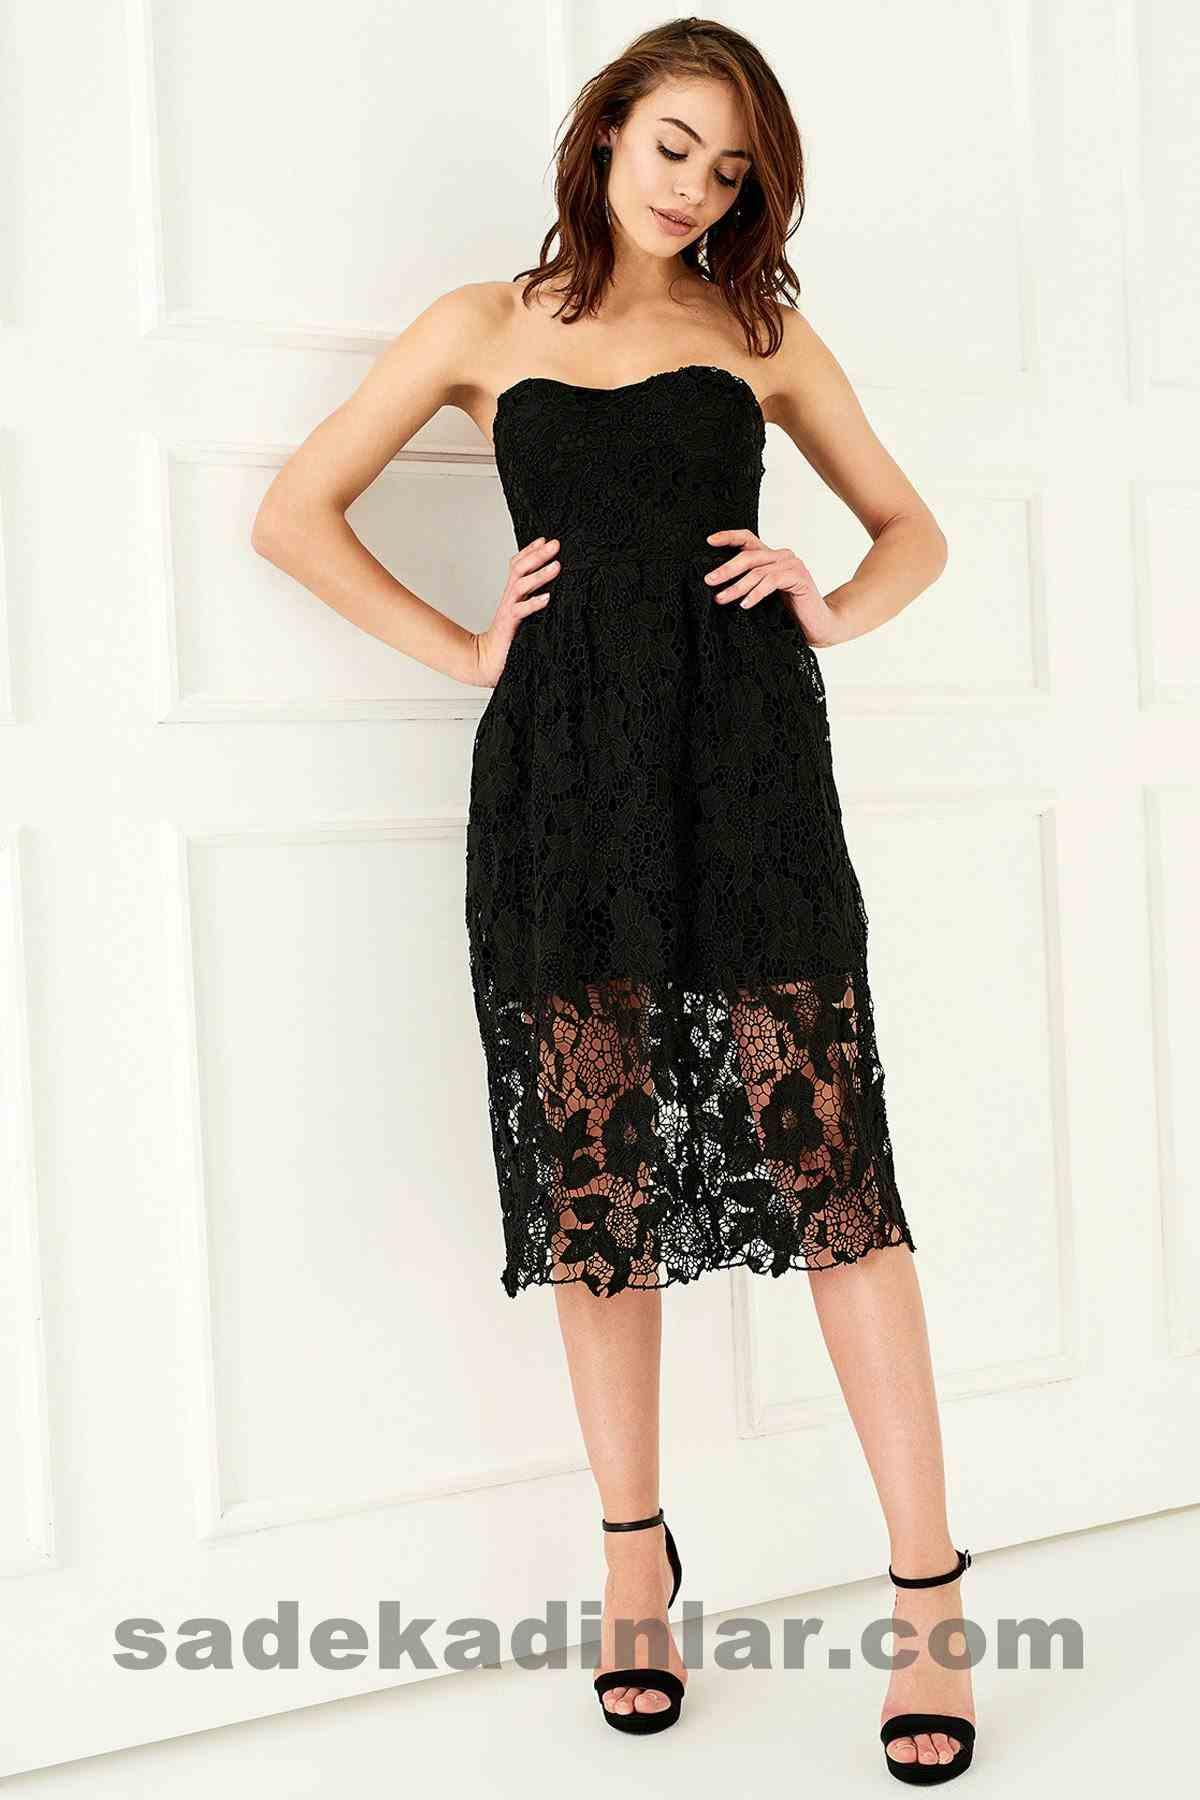 Abiye Elbise Modelleri Şık ve Güzel 2019 Gece Elbiseleri Straplez Siyah Dantelli